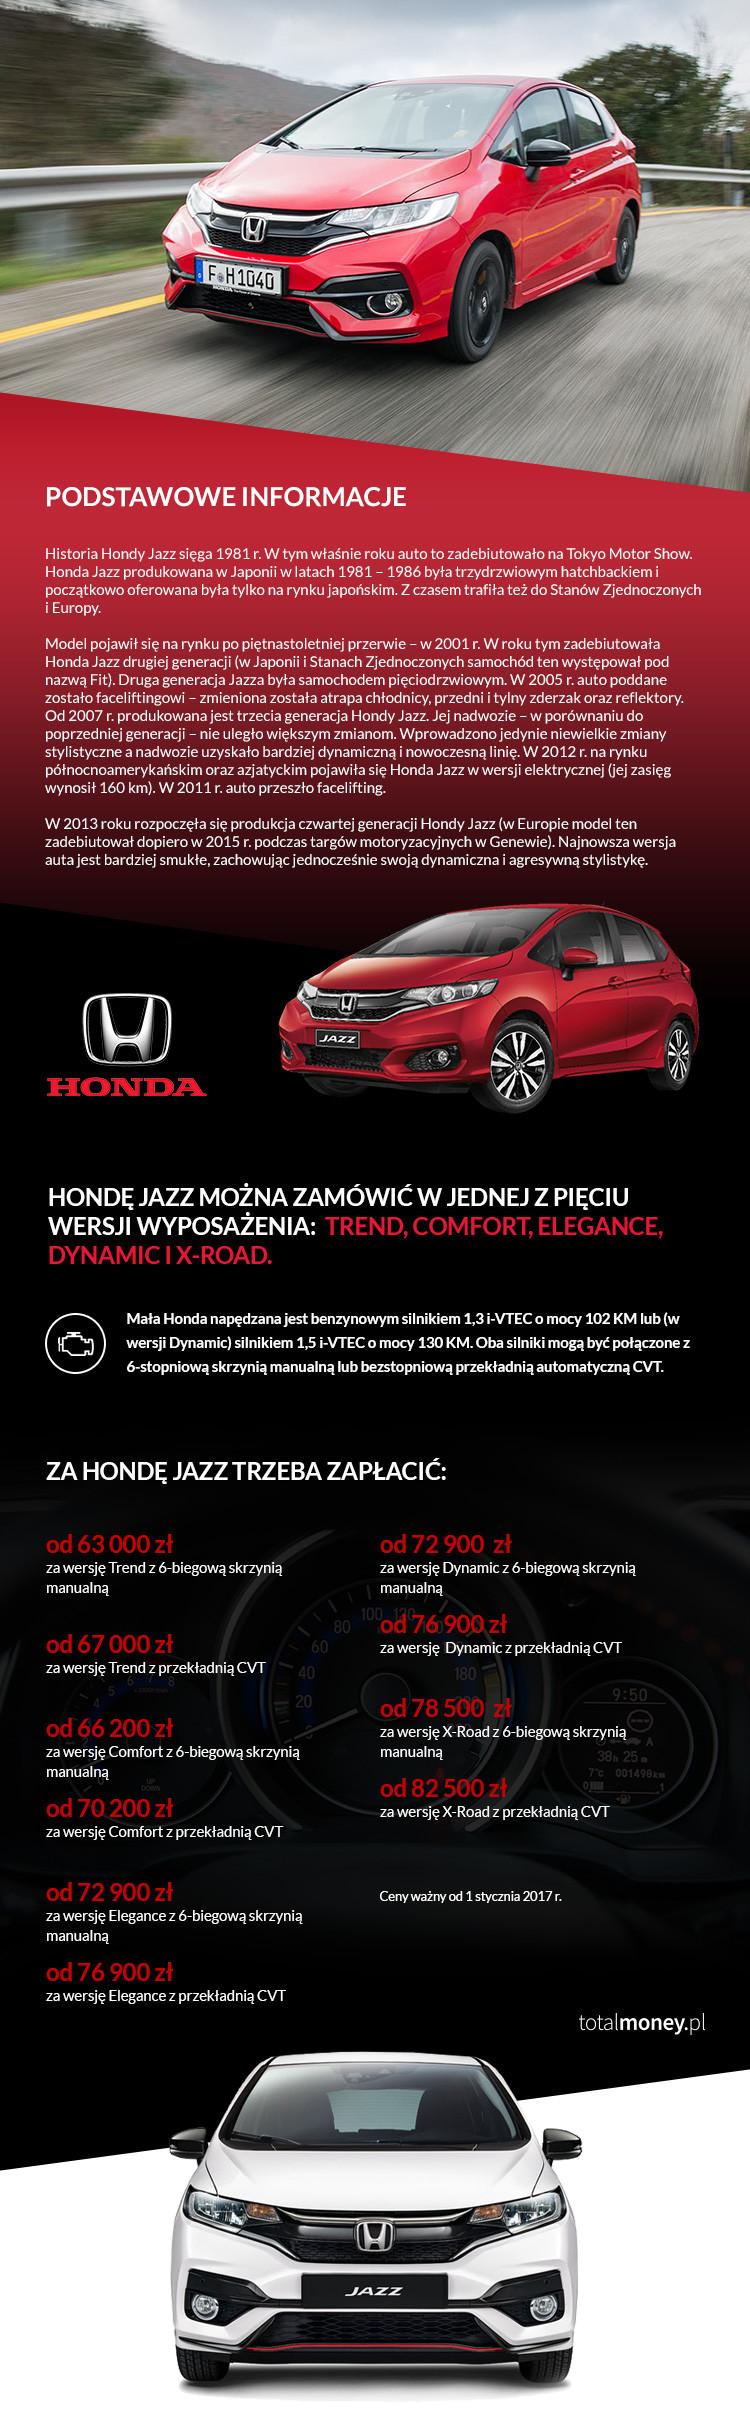 Honda Jazz - podstawowe informacje